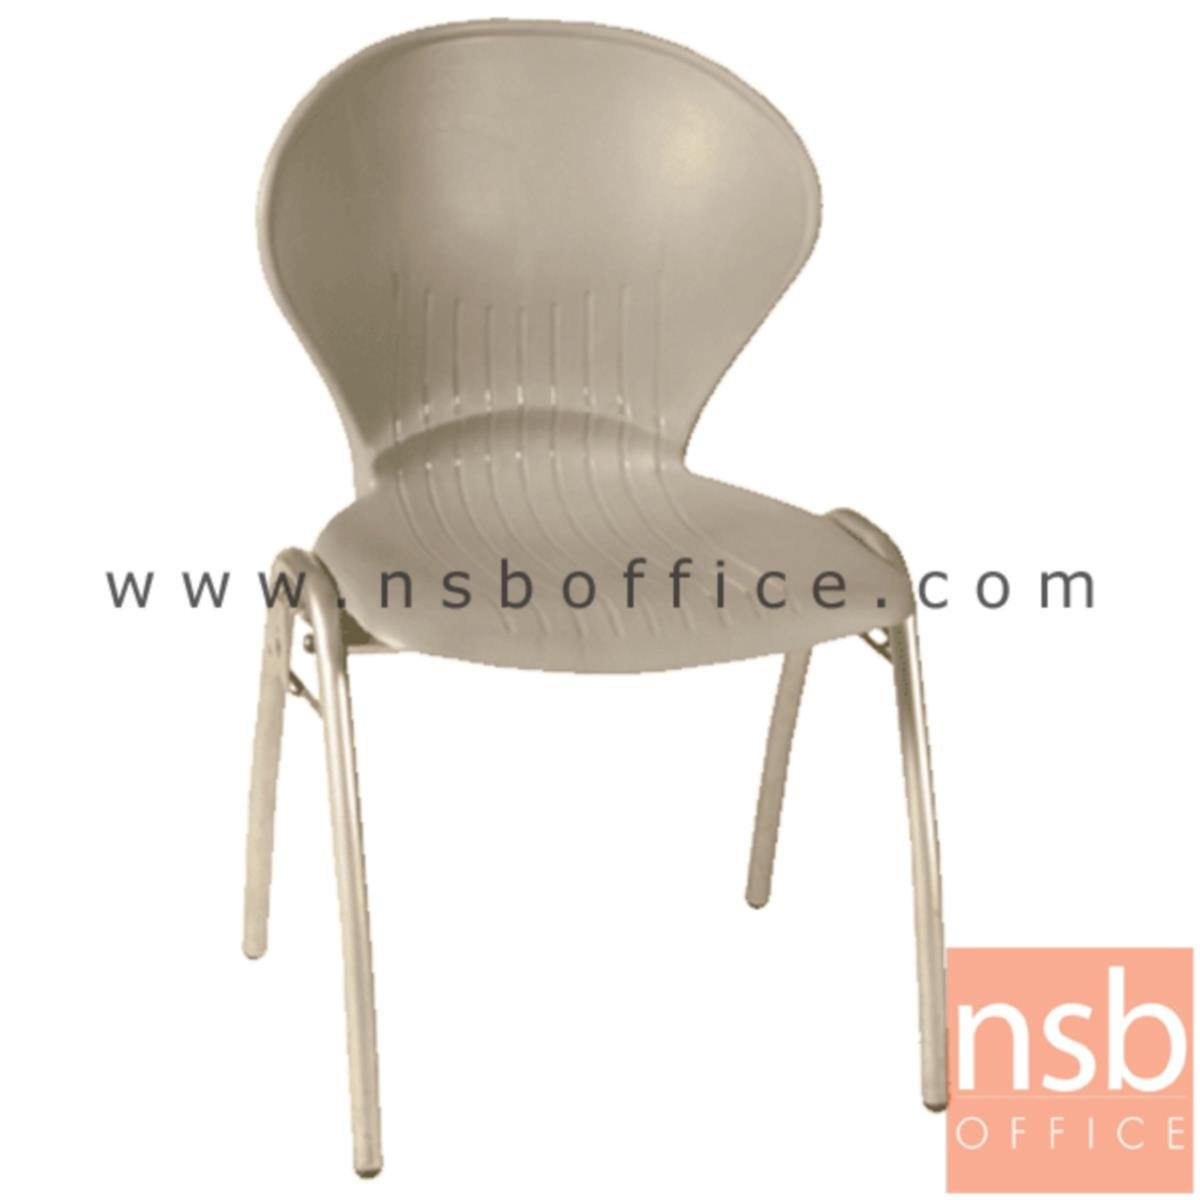 เก้าอี้อเนกประสงค์เฟรมโพลี่ รุ่น A866-266  ขาเหล็กพ่นสีเทา